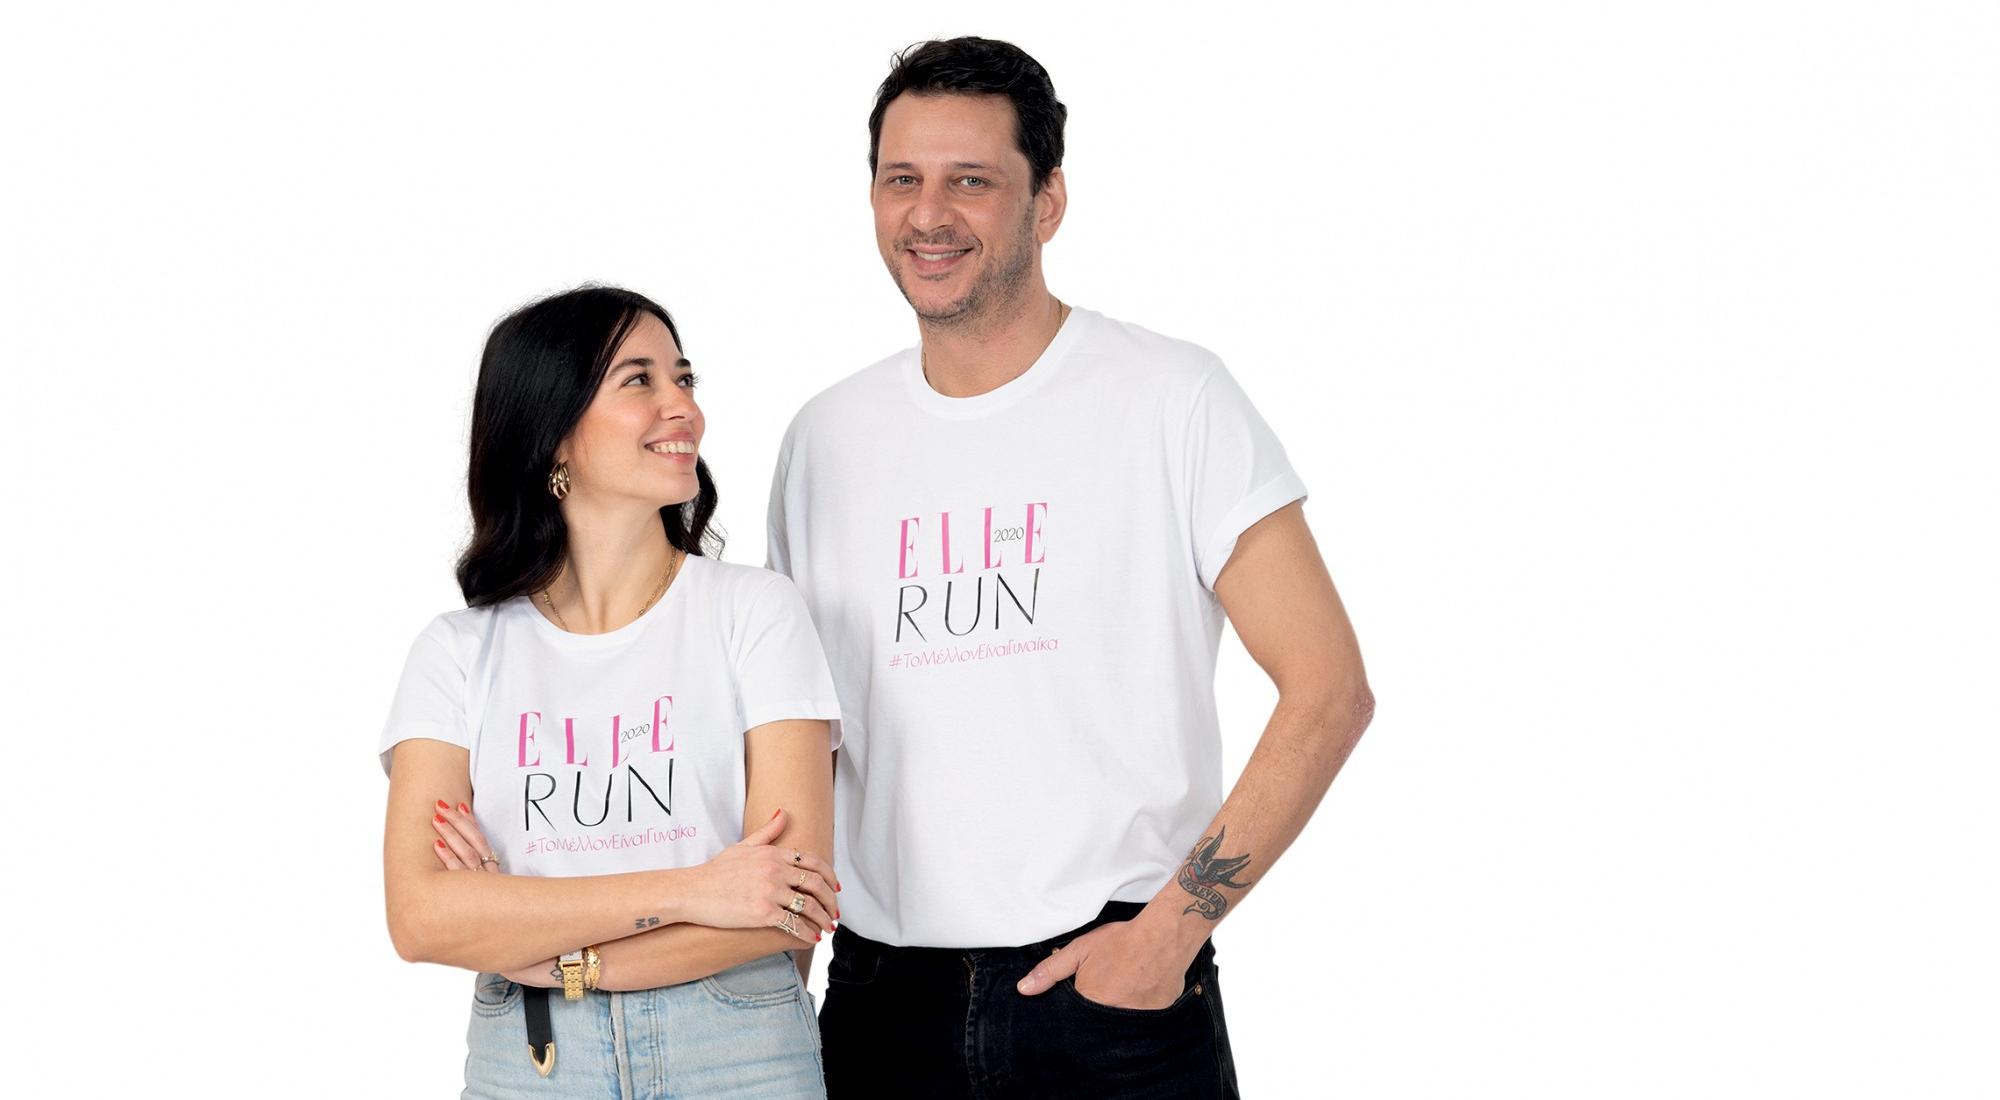 14 λαμπερές προσωπικότητες στέλνουν μαζί μας ένα δυνατό μήνυμα για τις γυναίκες #ELLERUN